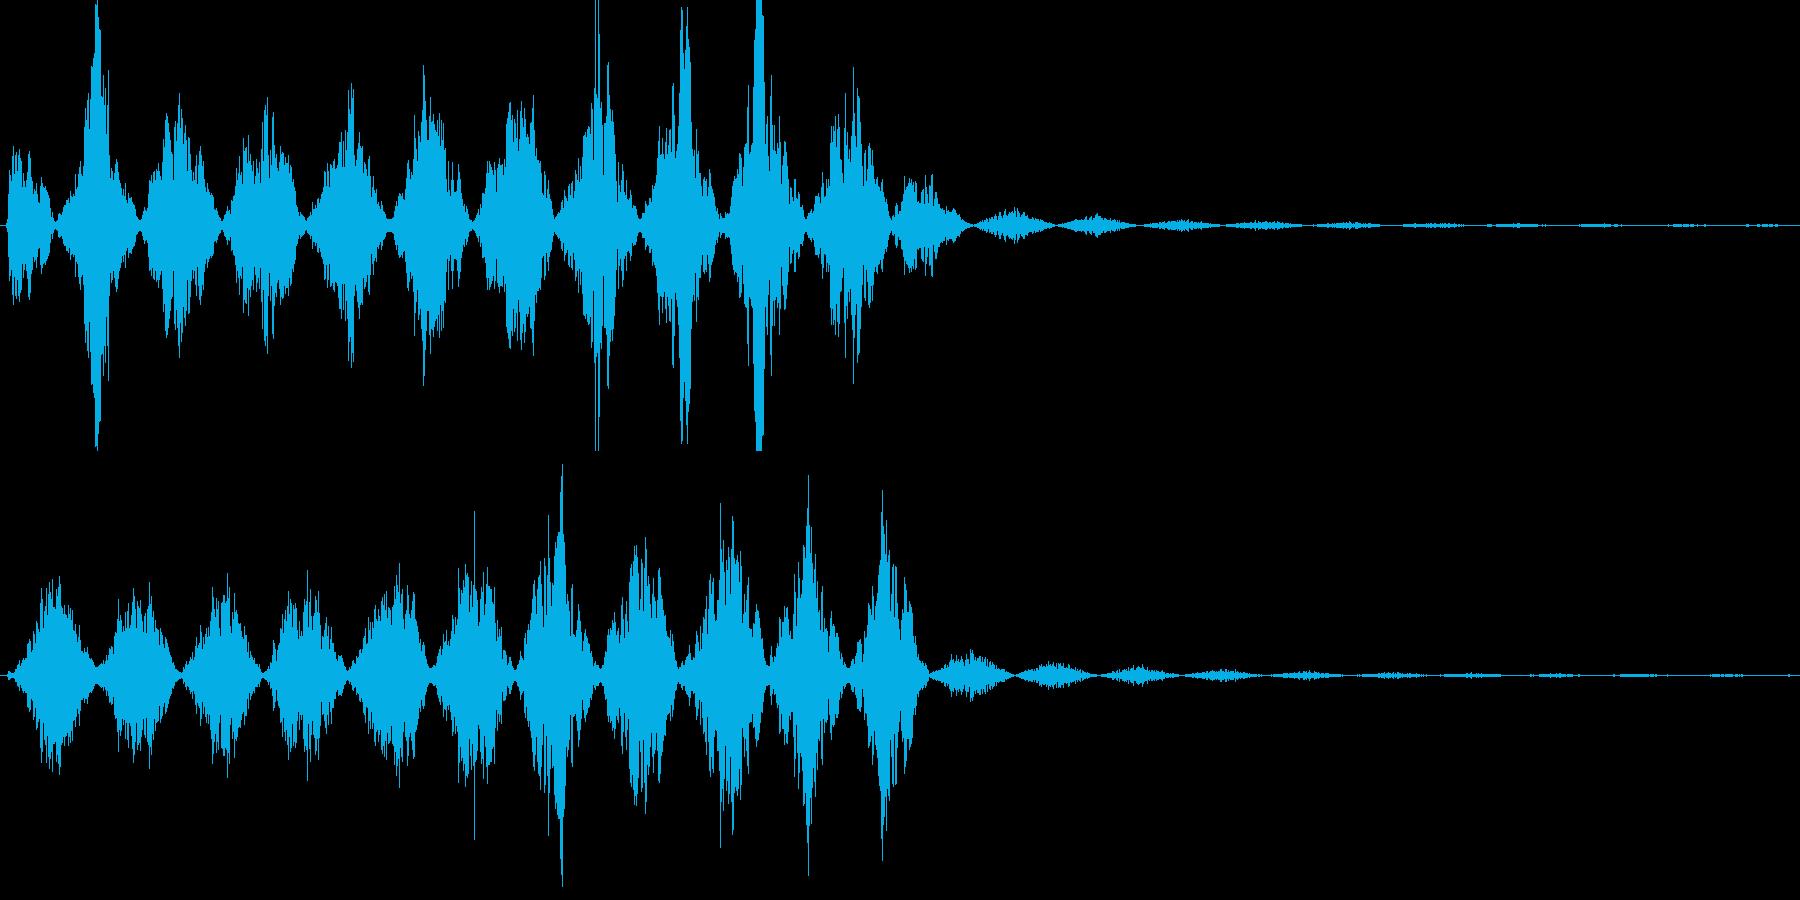 ビーム・レーザー等の発射音の再生済みの波形